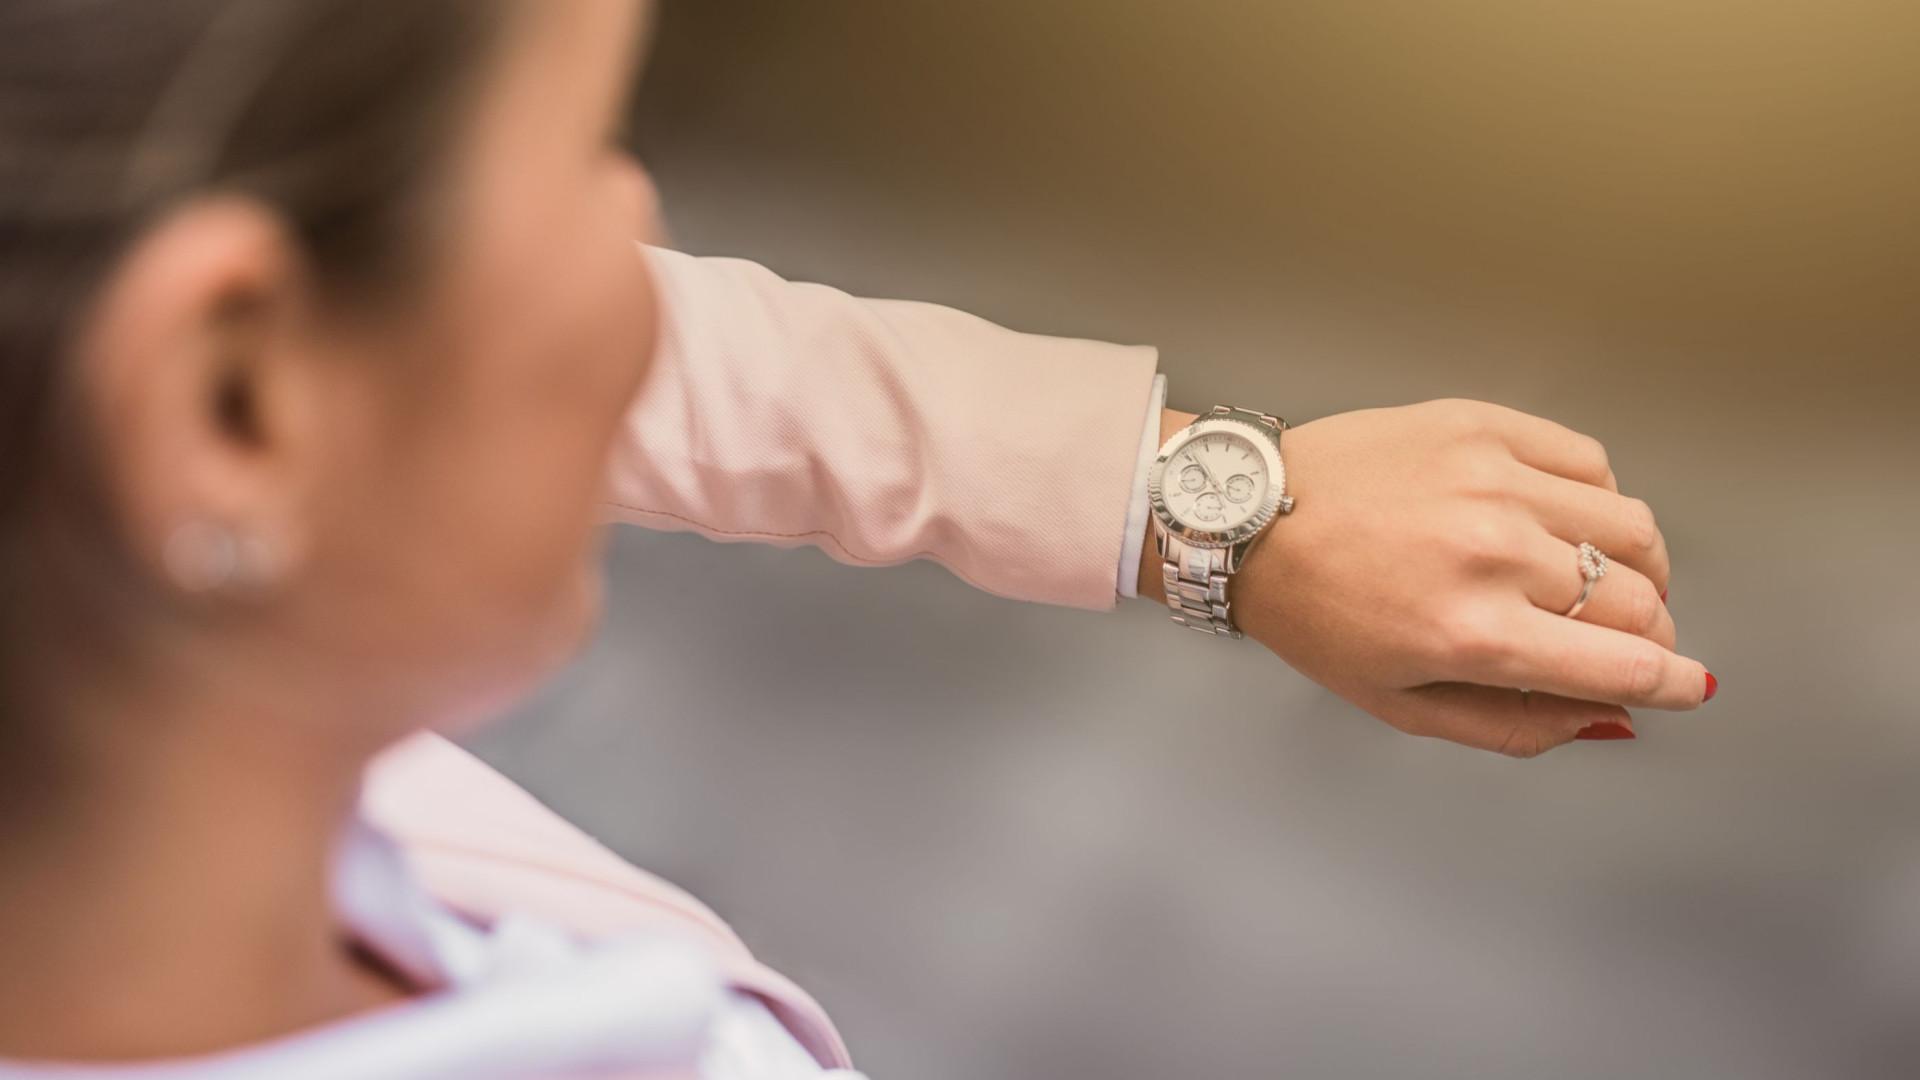 Que horas são no seu relógio interno? Já é possível responder à questão